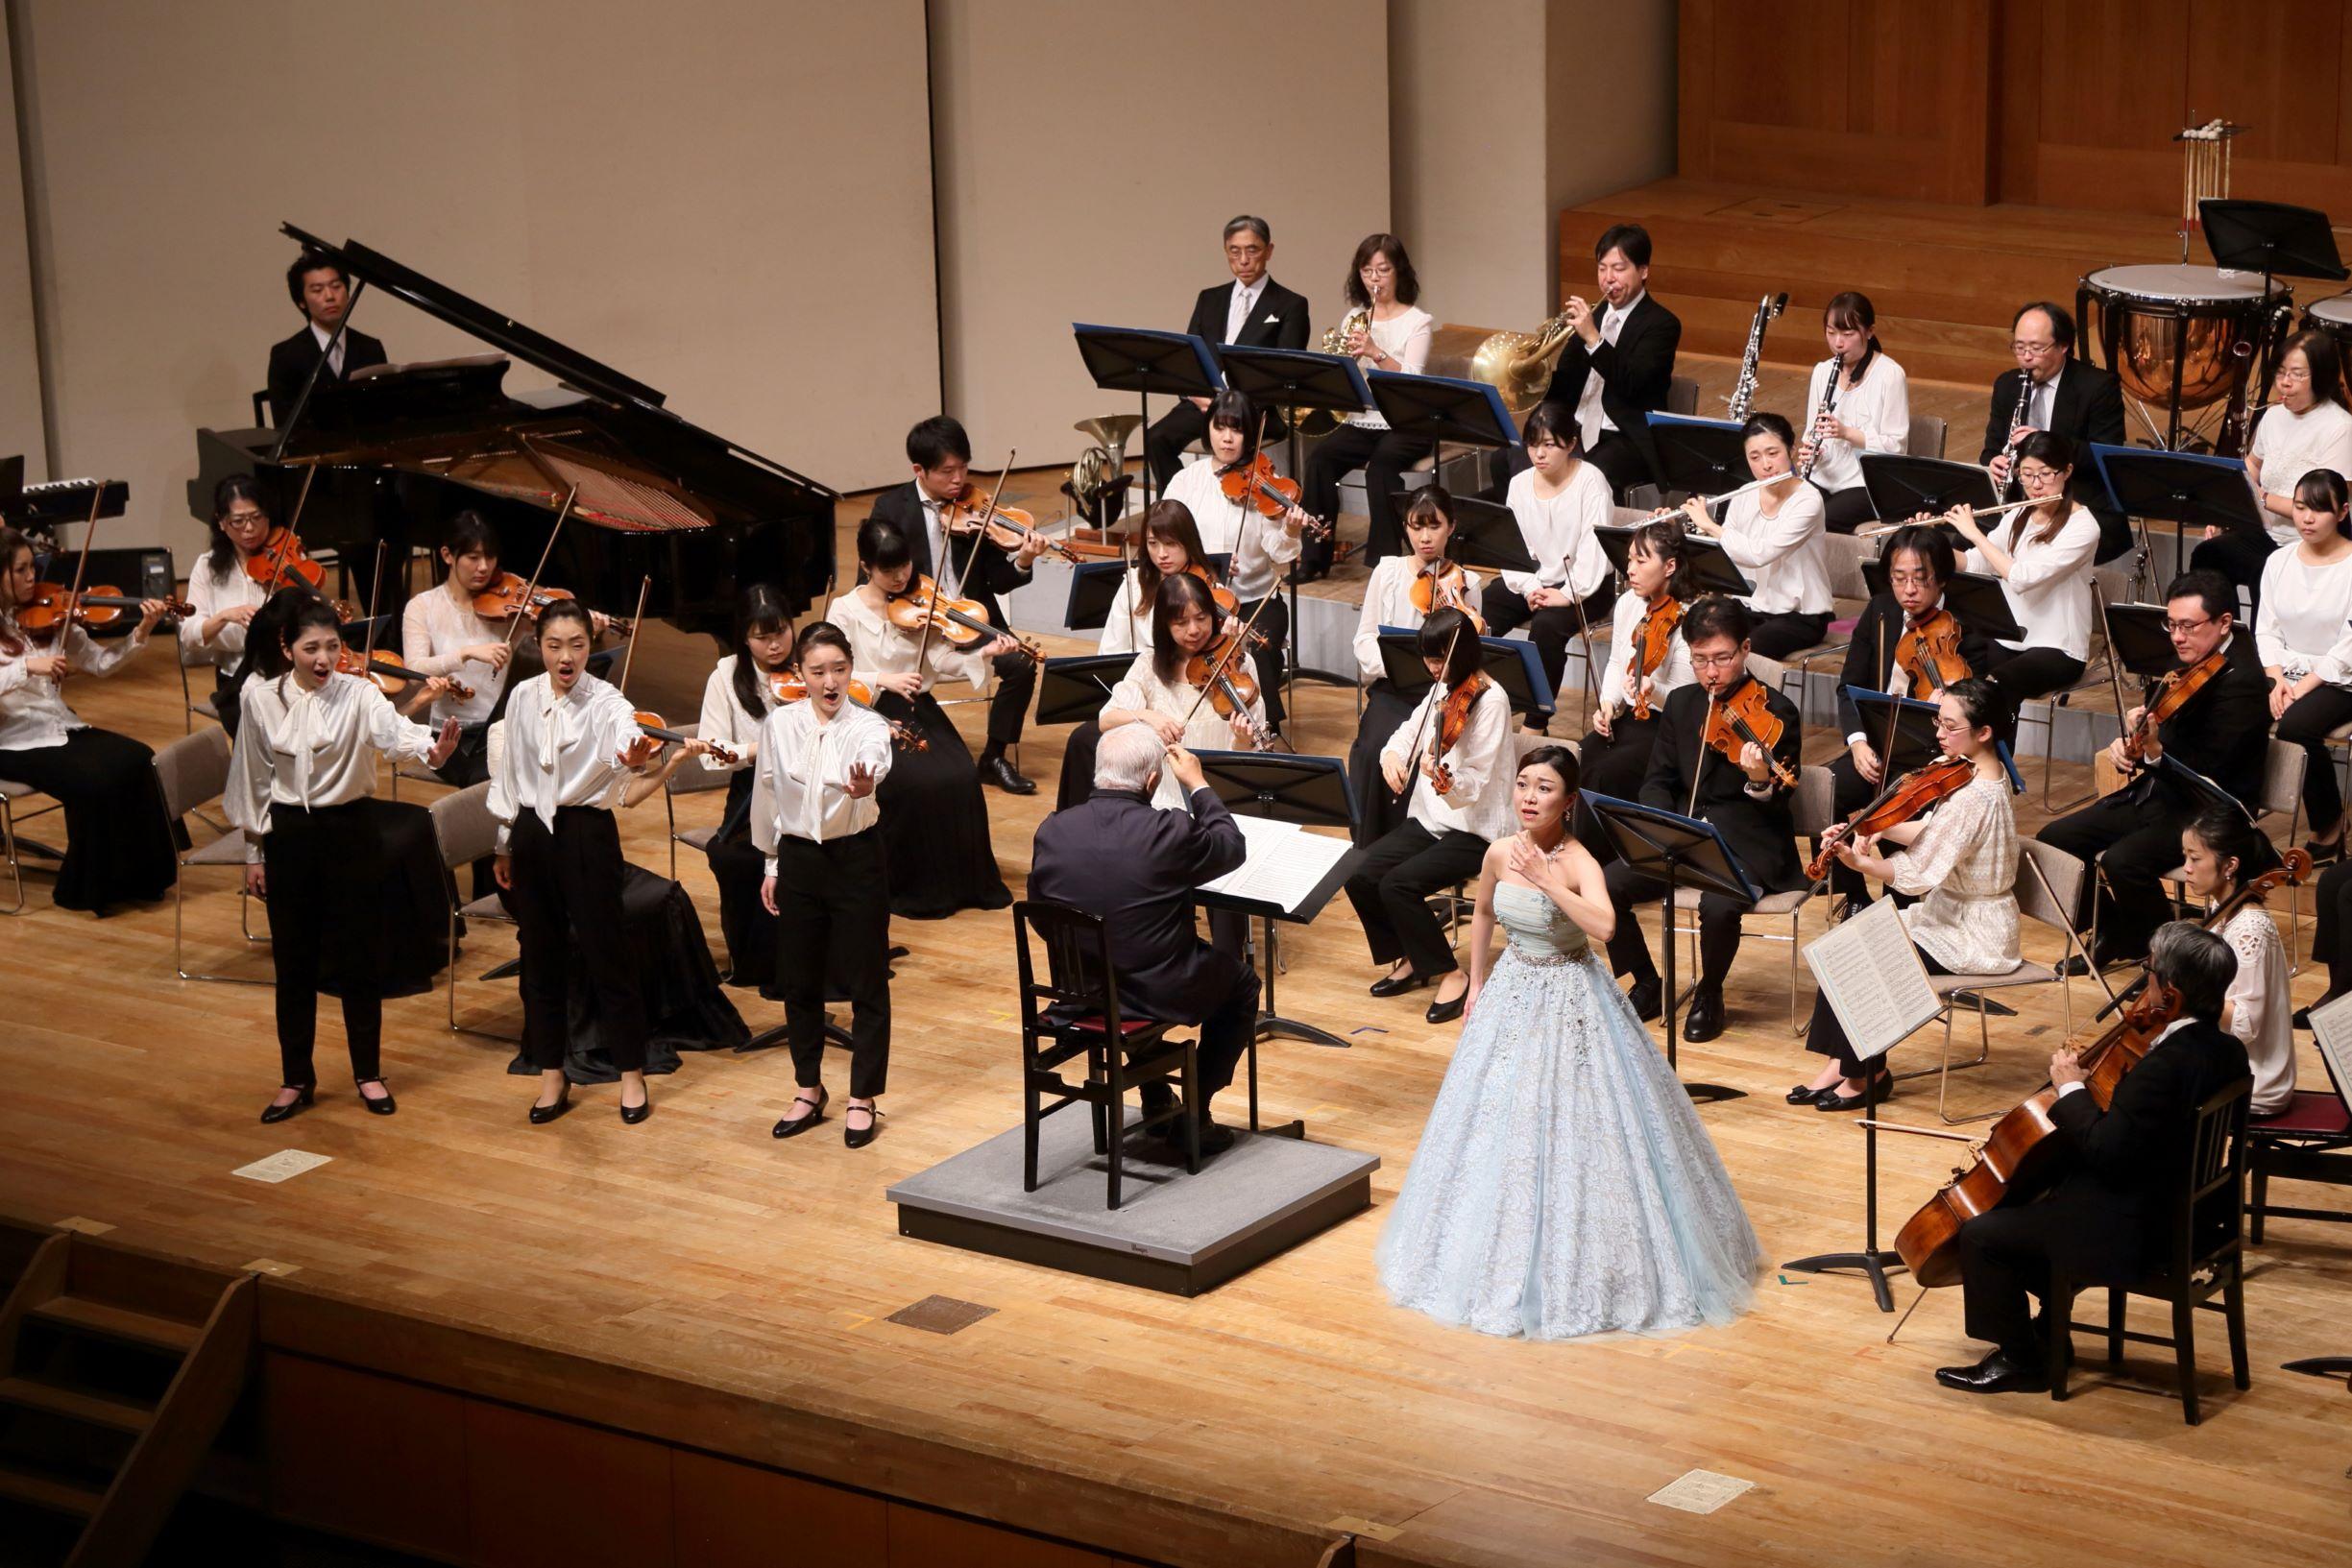 音楽学部・大学院音楽文化研究科の「第21回定期演奏会」が開催されました!